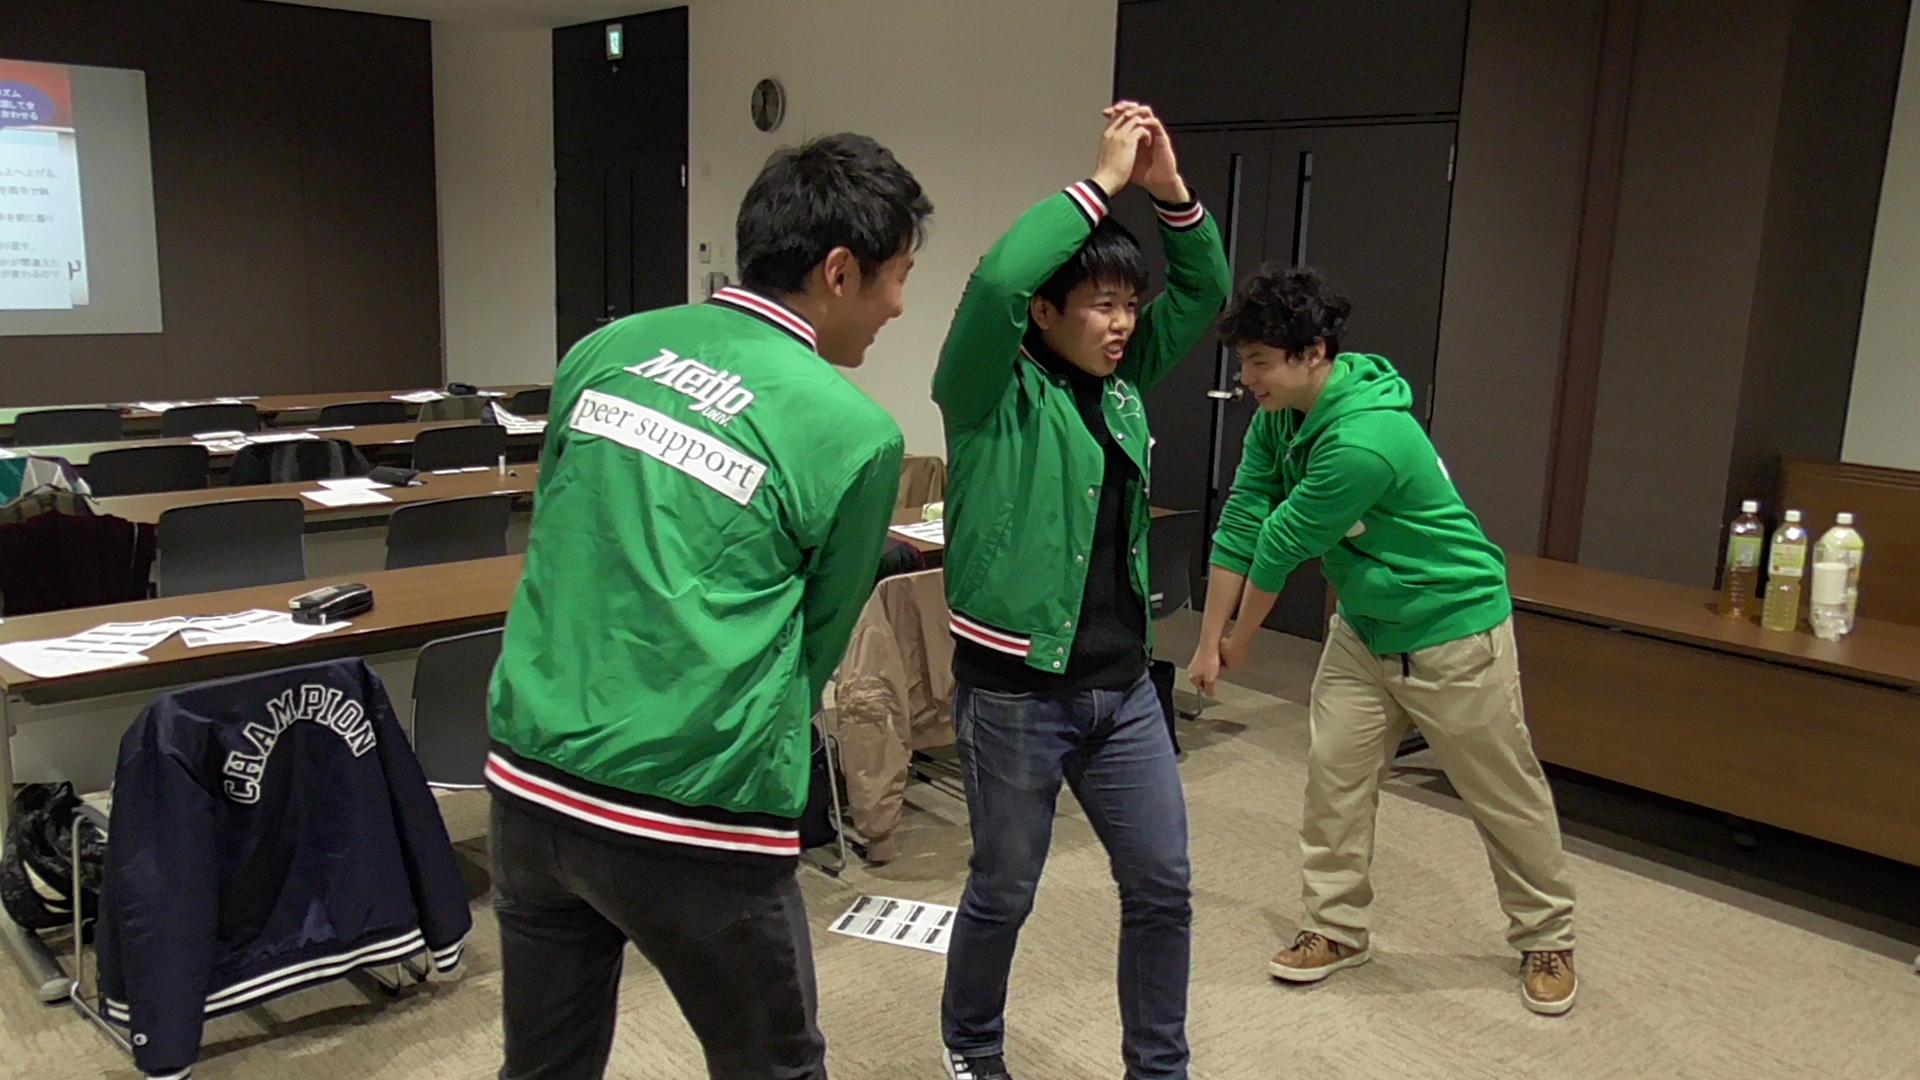 インプロゲーム「侍」を説明する学生協力員